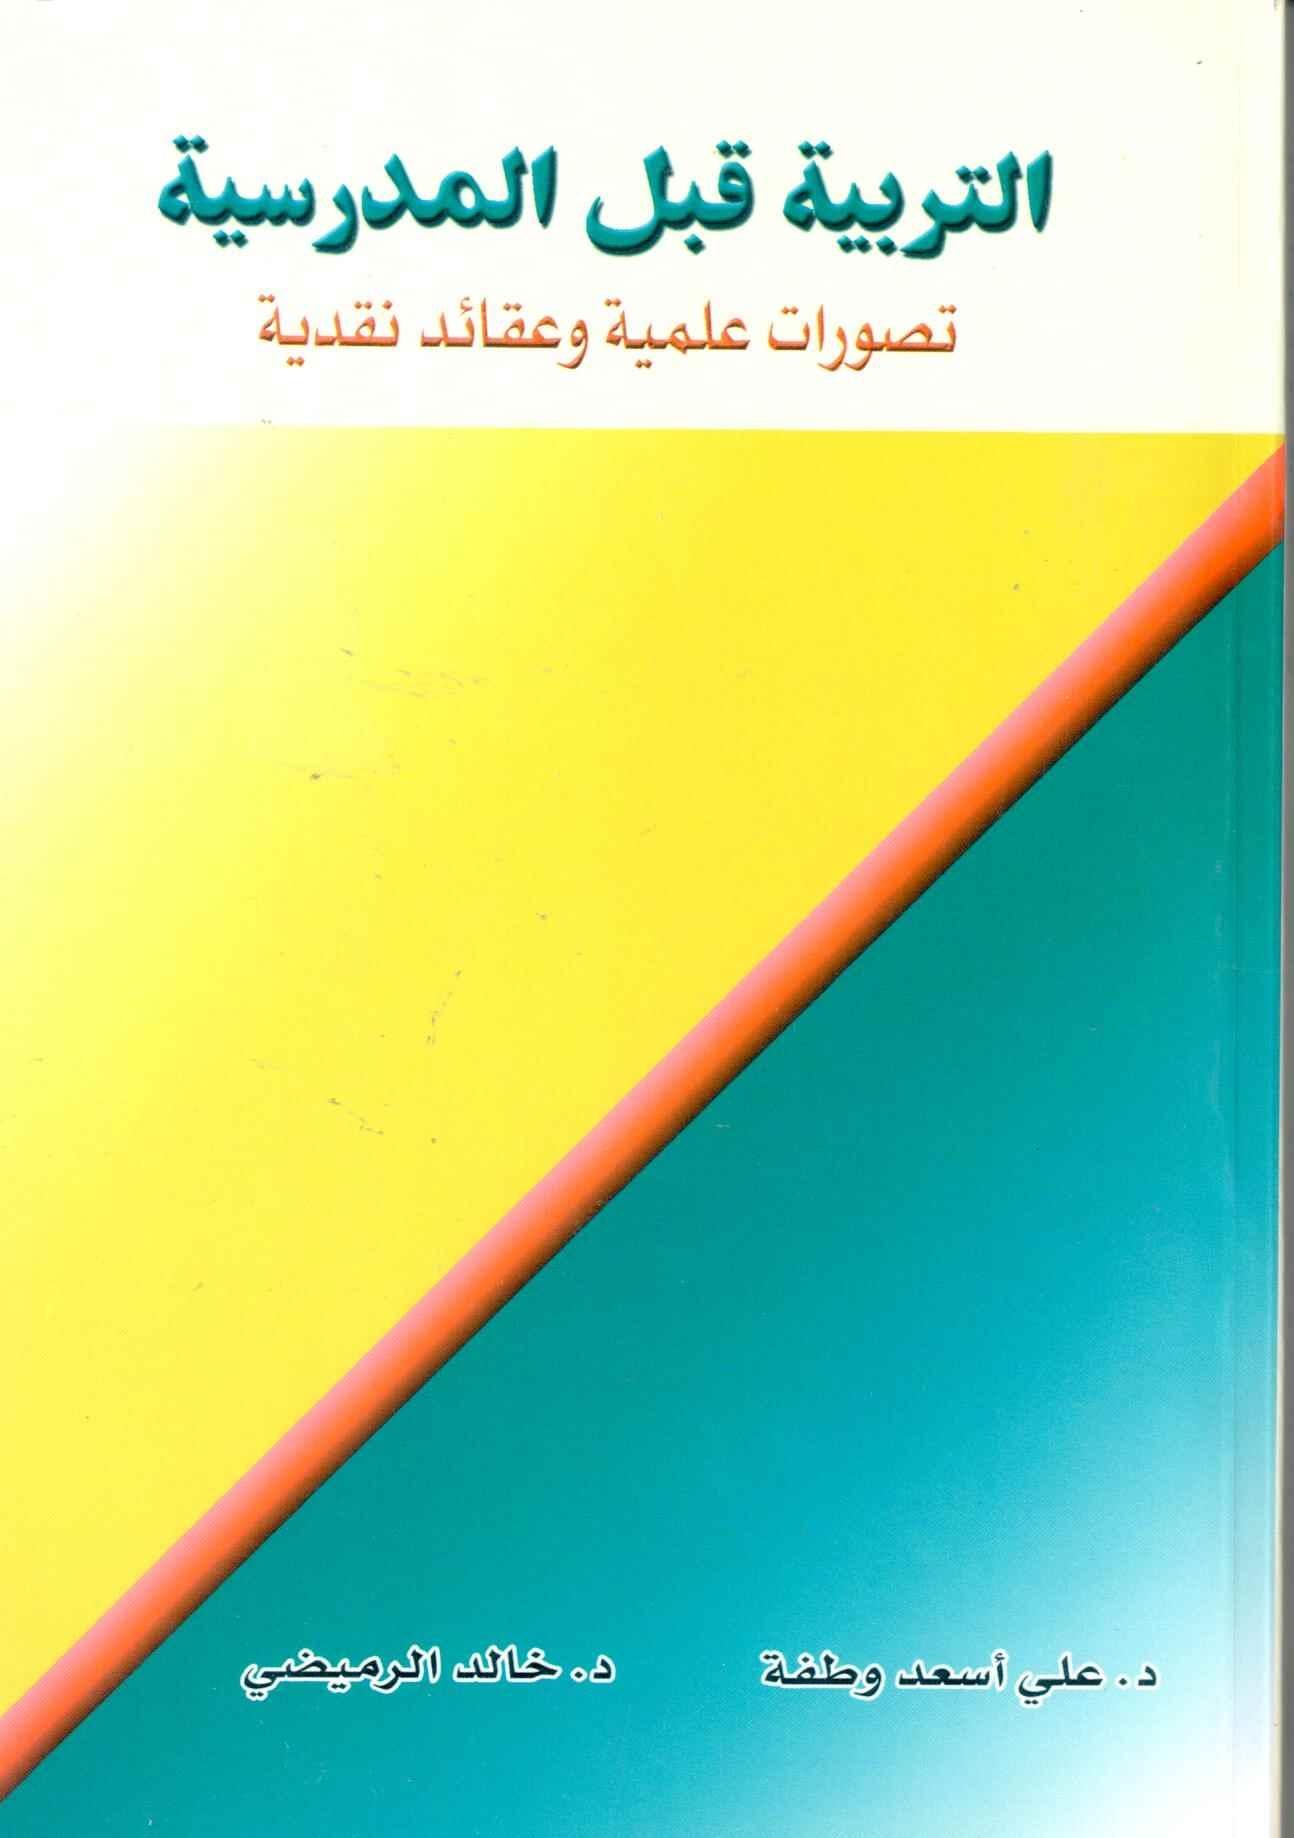 التربية قبل المدرسة: تصورات علمية وعقائدية نقدية- علي أسعد وطفة